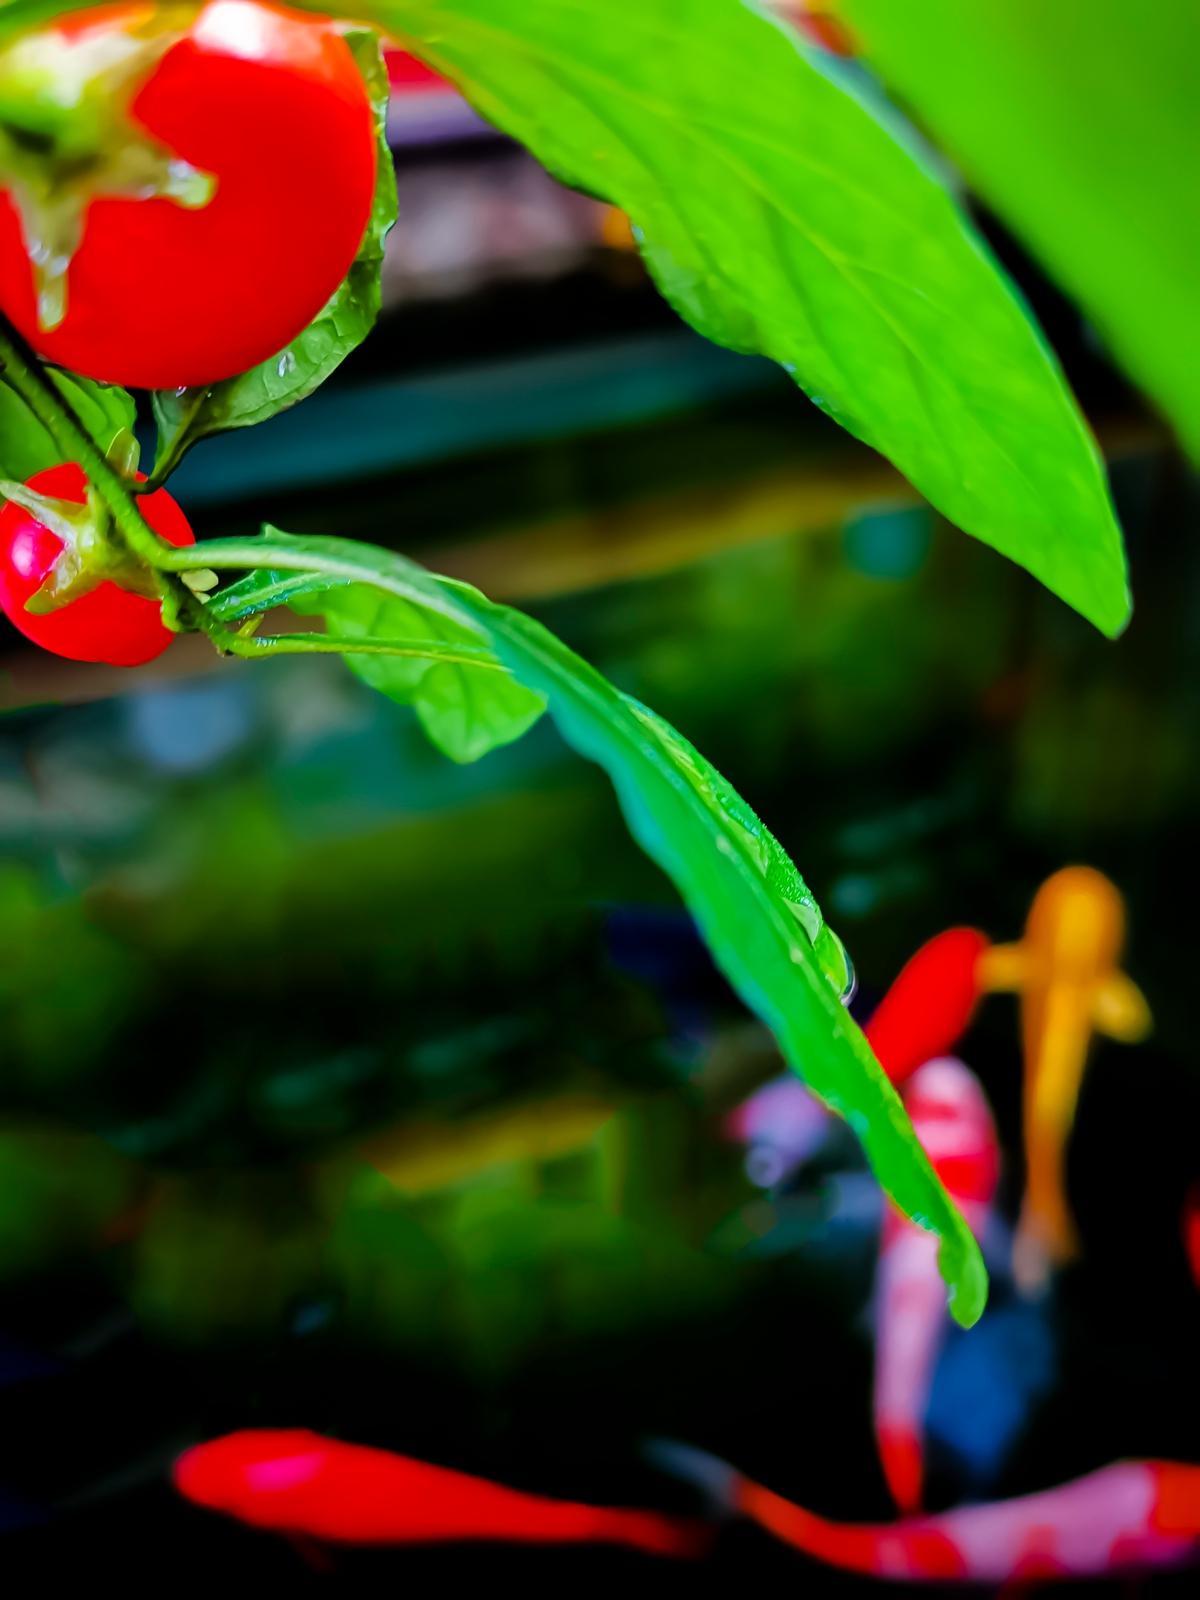 小鱼池随拍:闪着梦幻般色彩的童话会伴随一生6.jpg